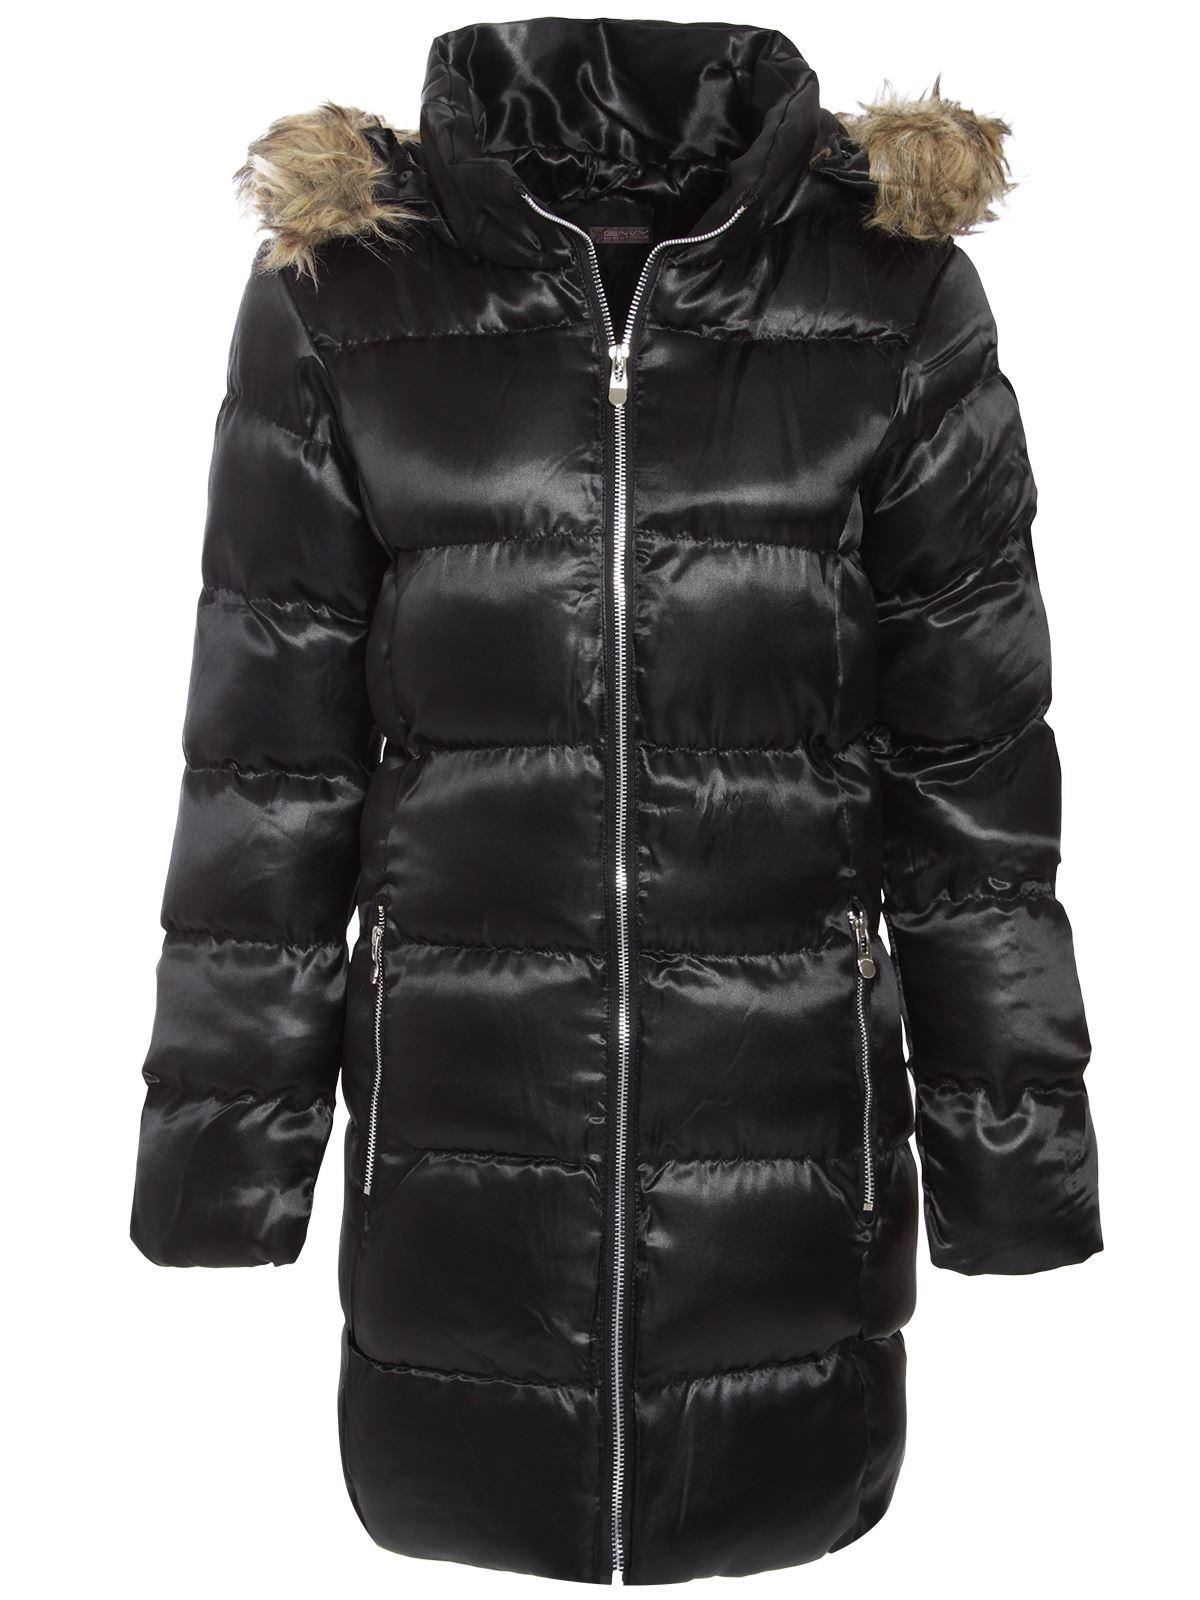 brave soul ladies womens puffer parka jacket fur hooded. Black Bedroom Furniture Sets. Home Design Ideas